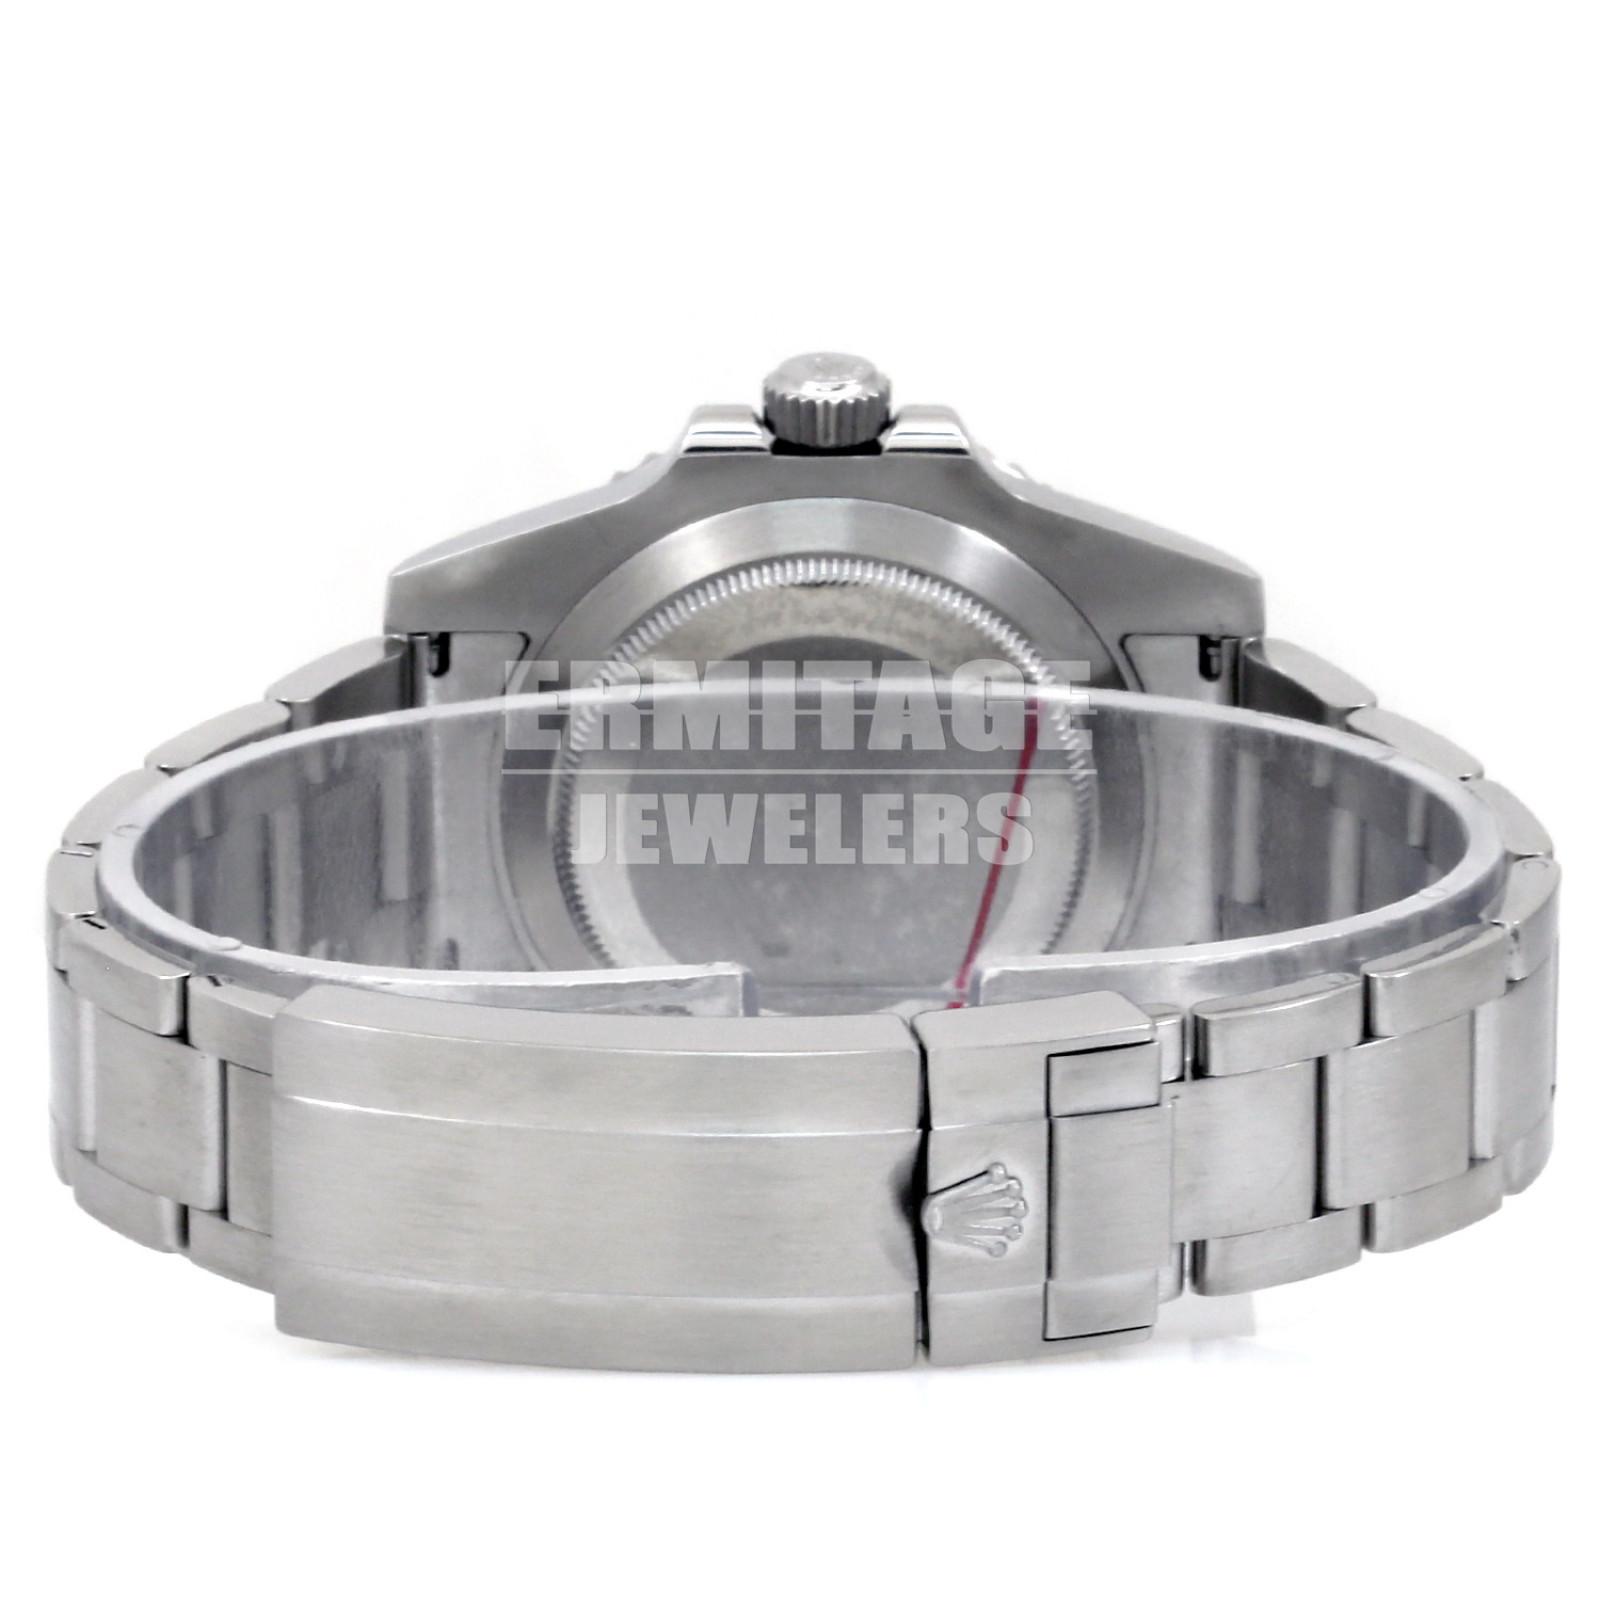 Rolex Submariner 116610 Full Set